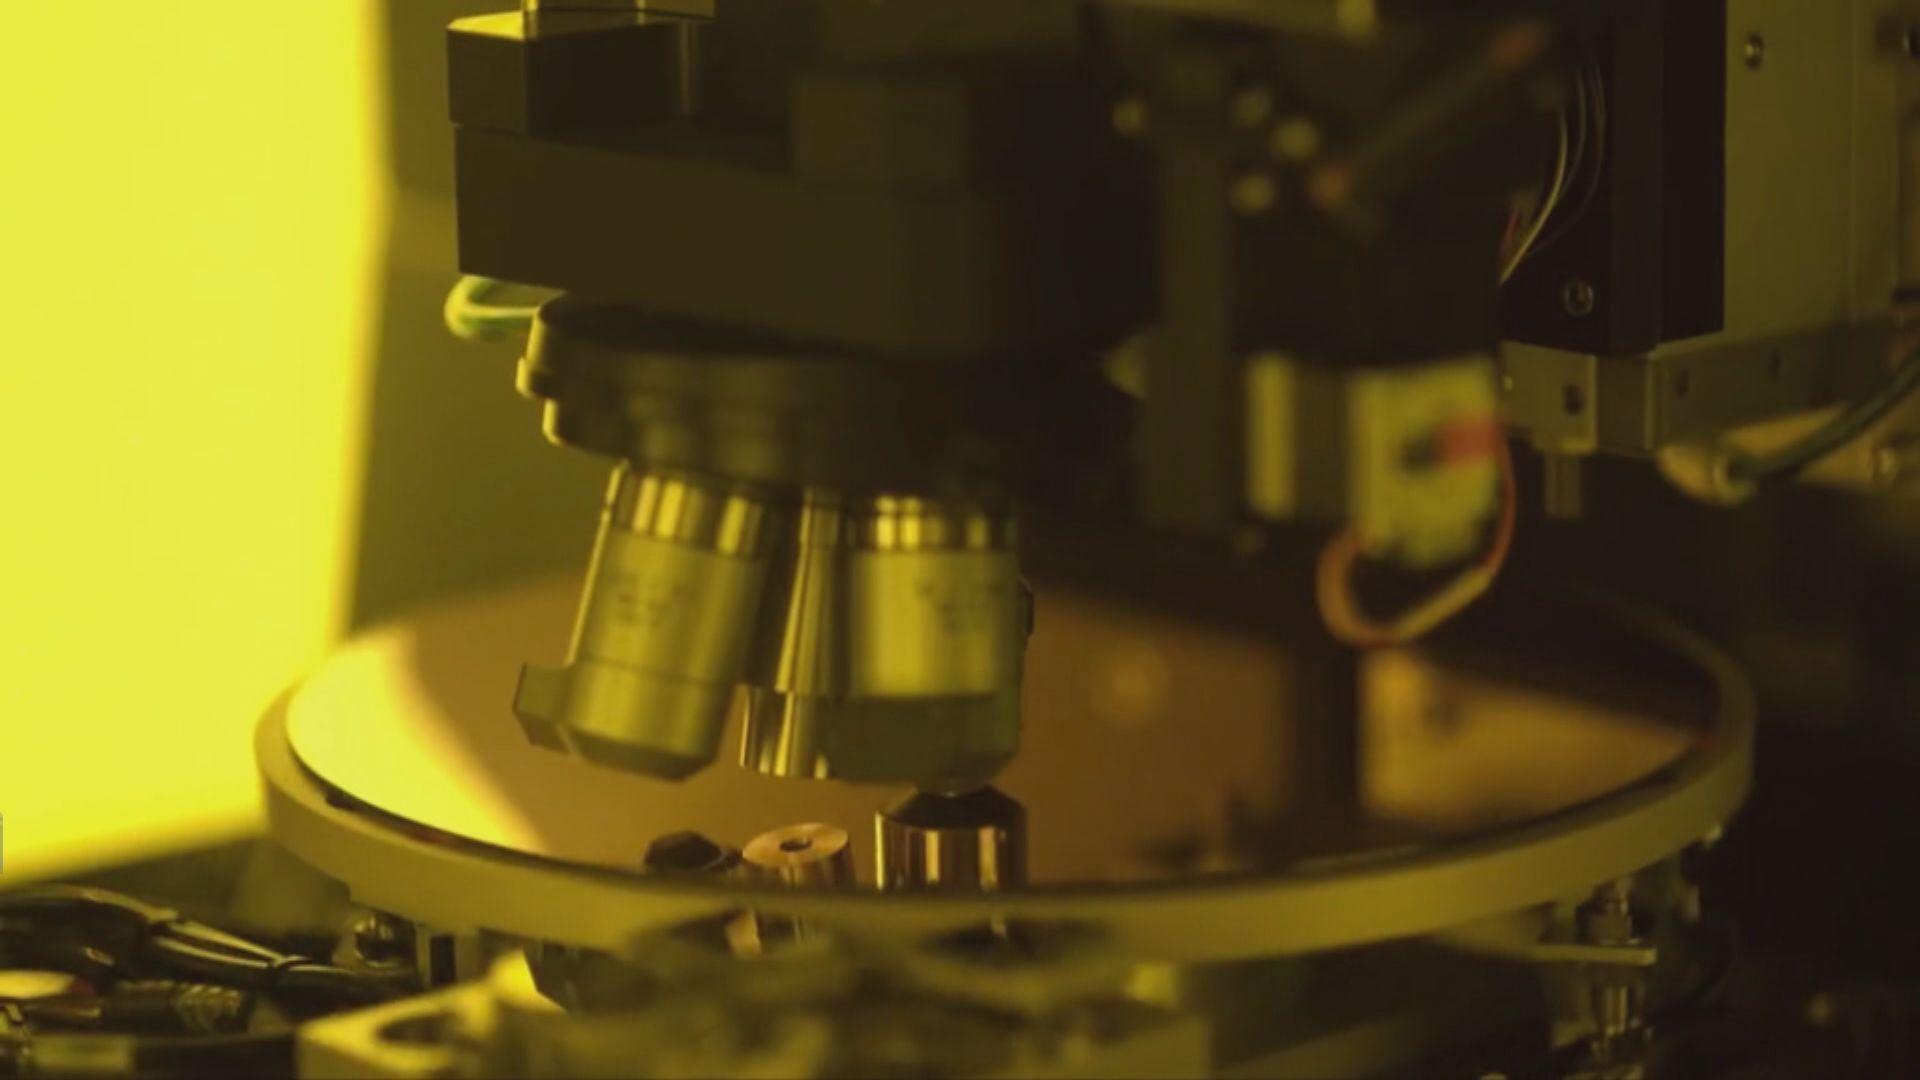 美國稱正向台灣施壓 要求優先考慮美車廠晶片需求